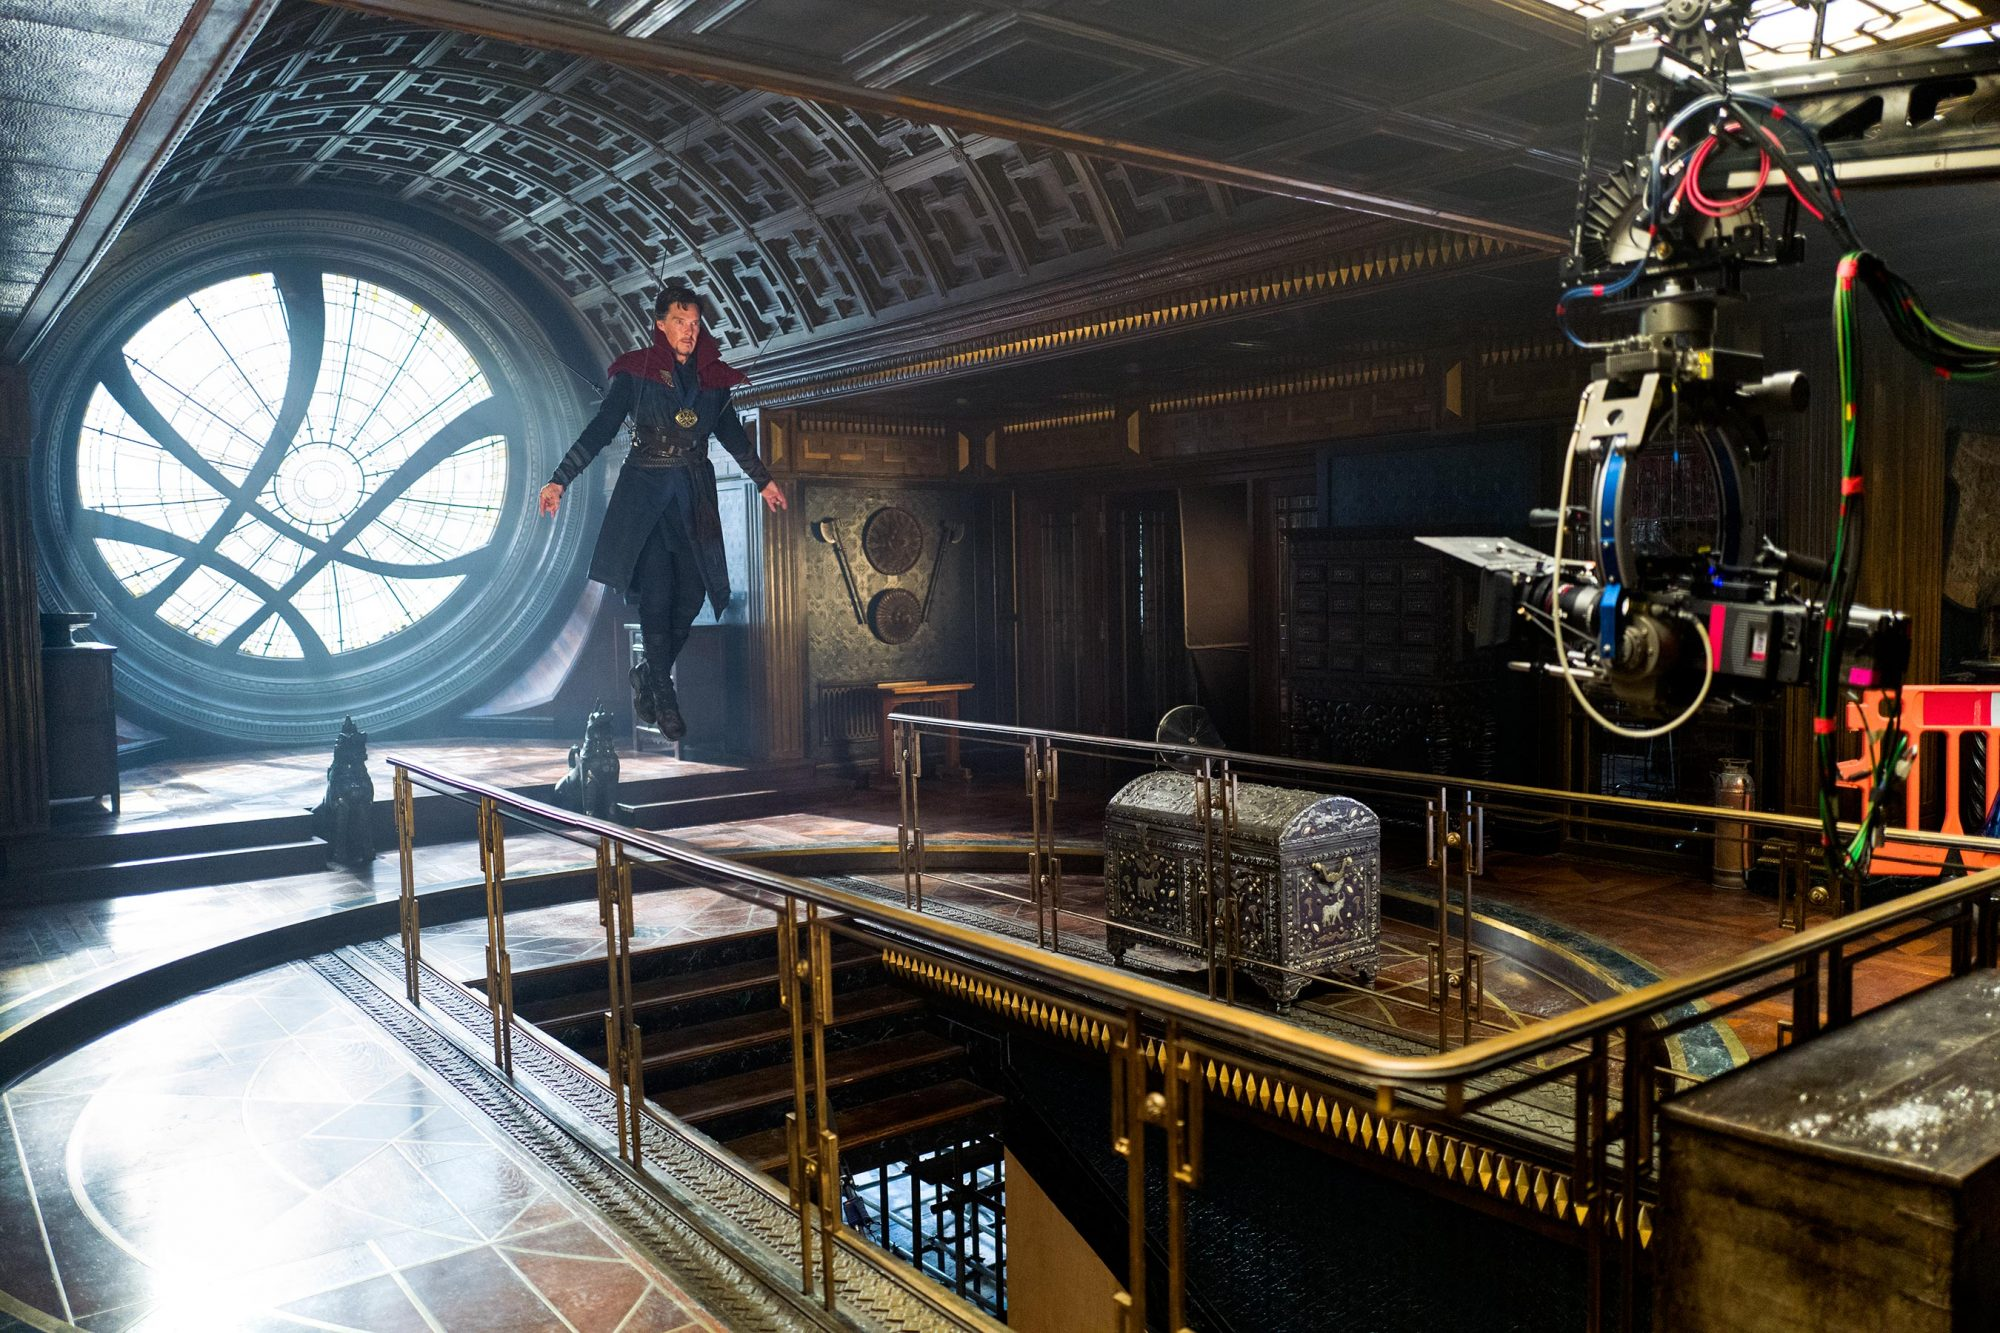 MARVEL'S DOCTOR STRANGEBenedict Cumberbatch on set